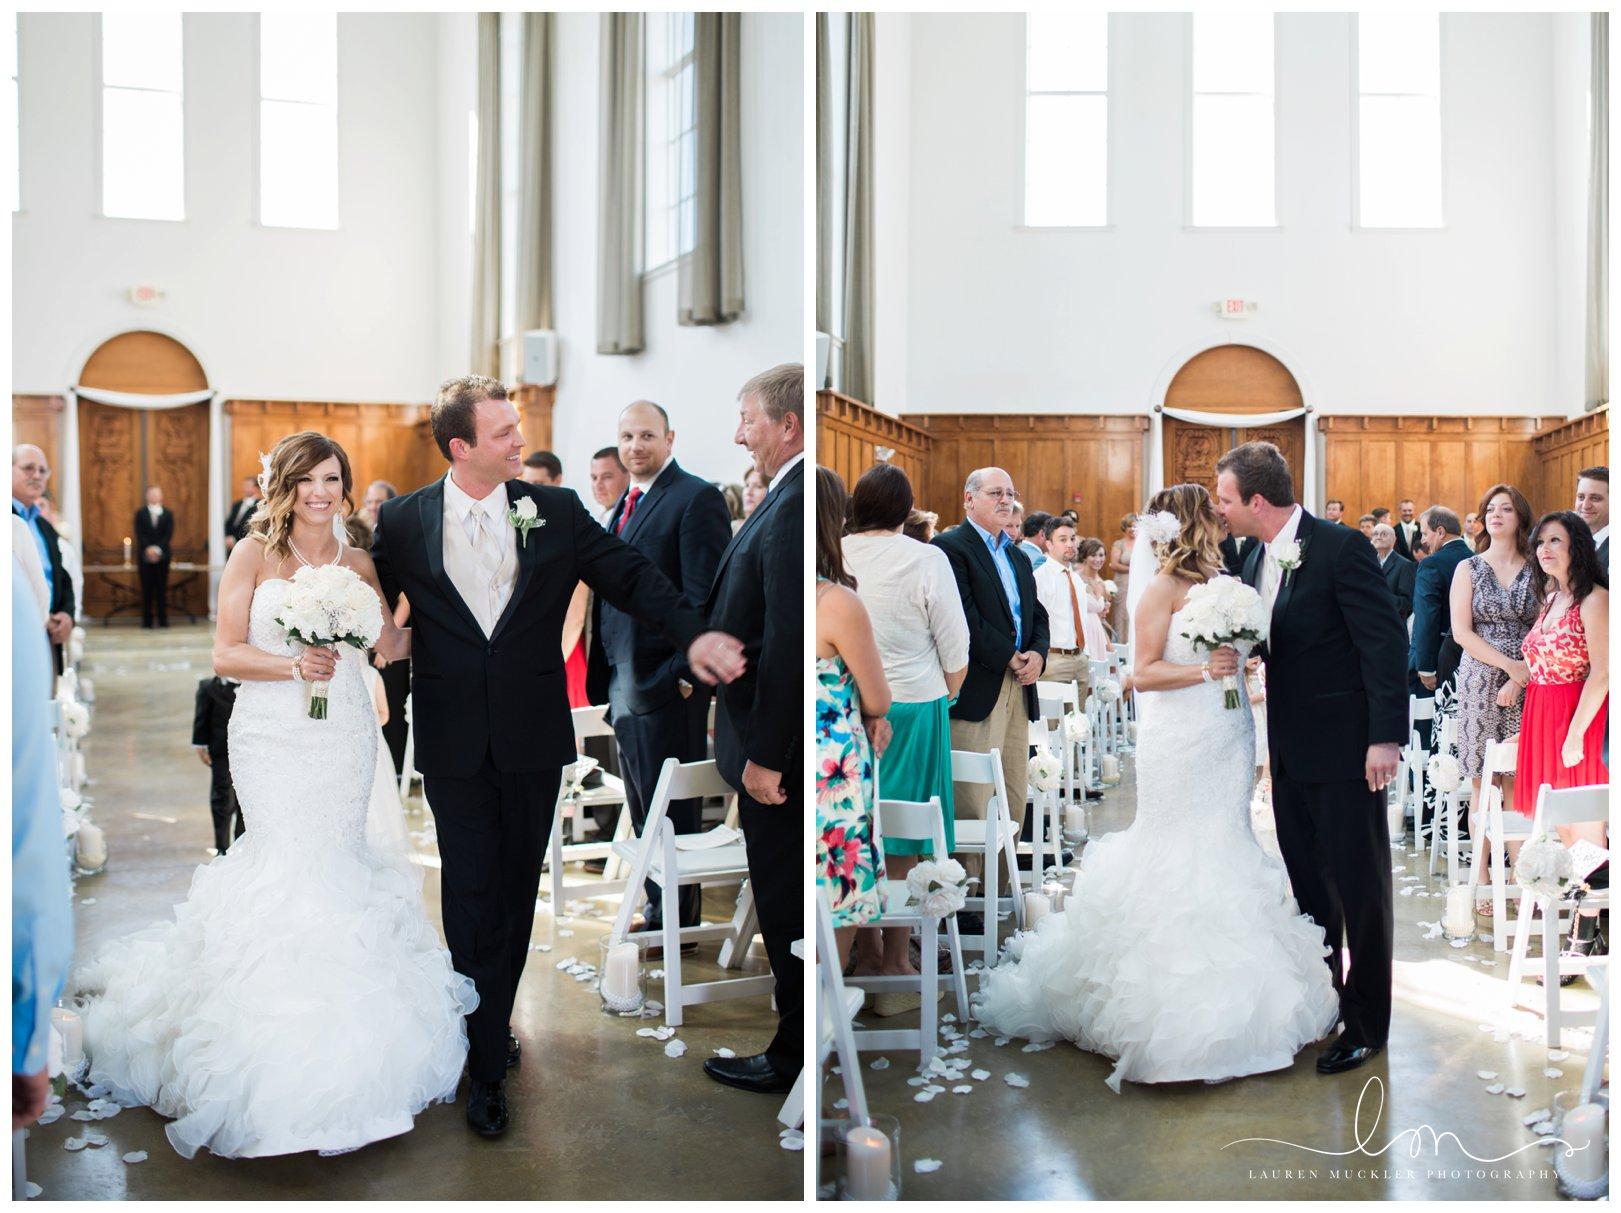 lauren muckler photography_fine art film wedding photography_st louis_photography_0468.jpg